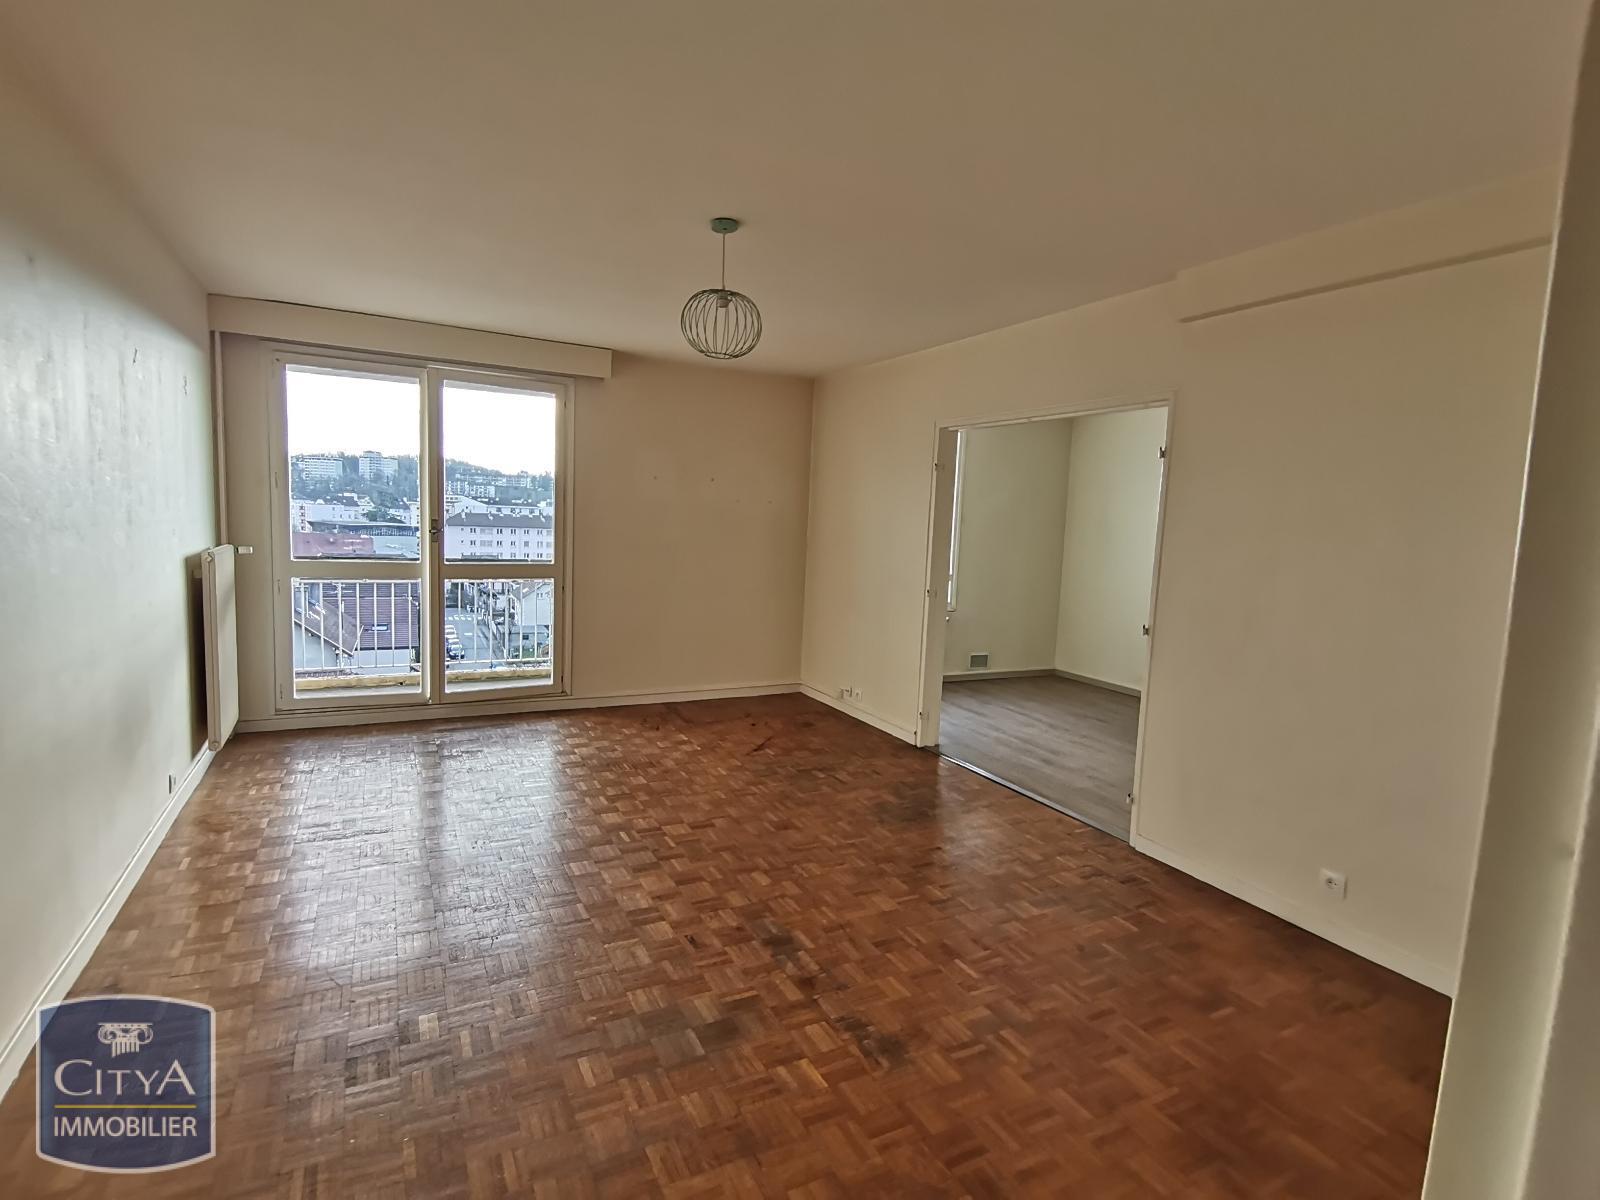 Appartement 1 pièces 39 m²